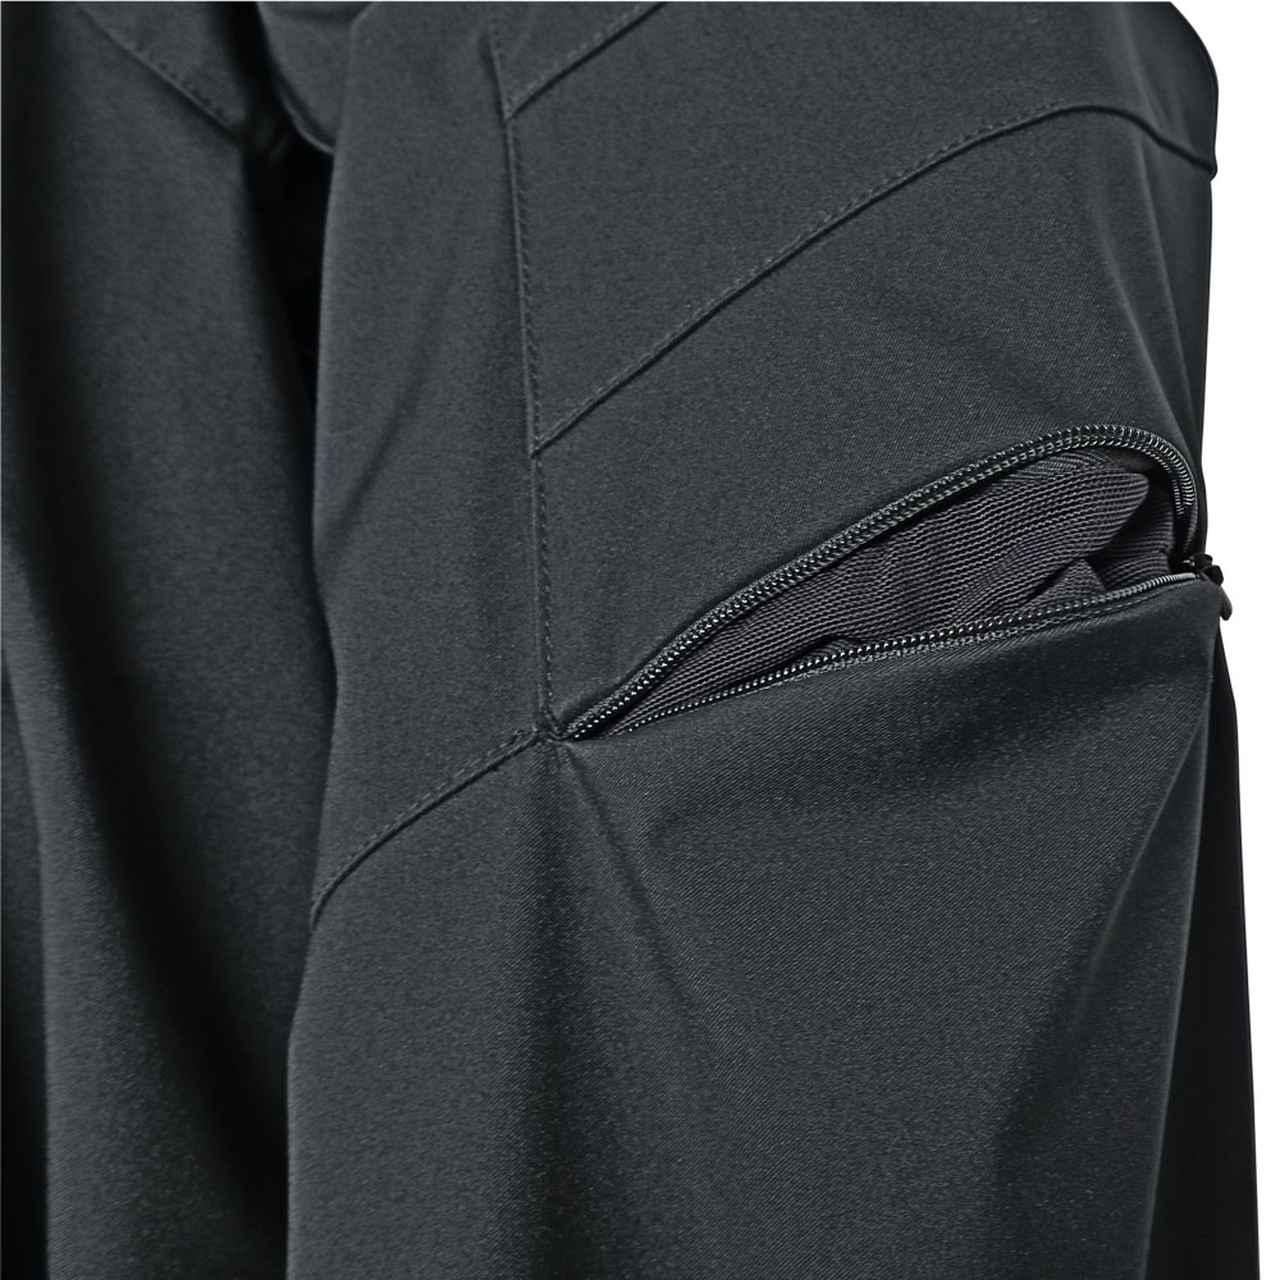 全天候&オールシーズンで活躍するNANKAIの新作ジャケットは重宝すること間違いなし!